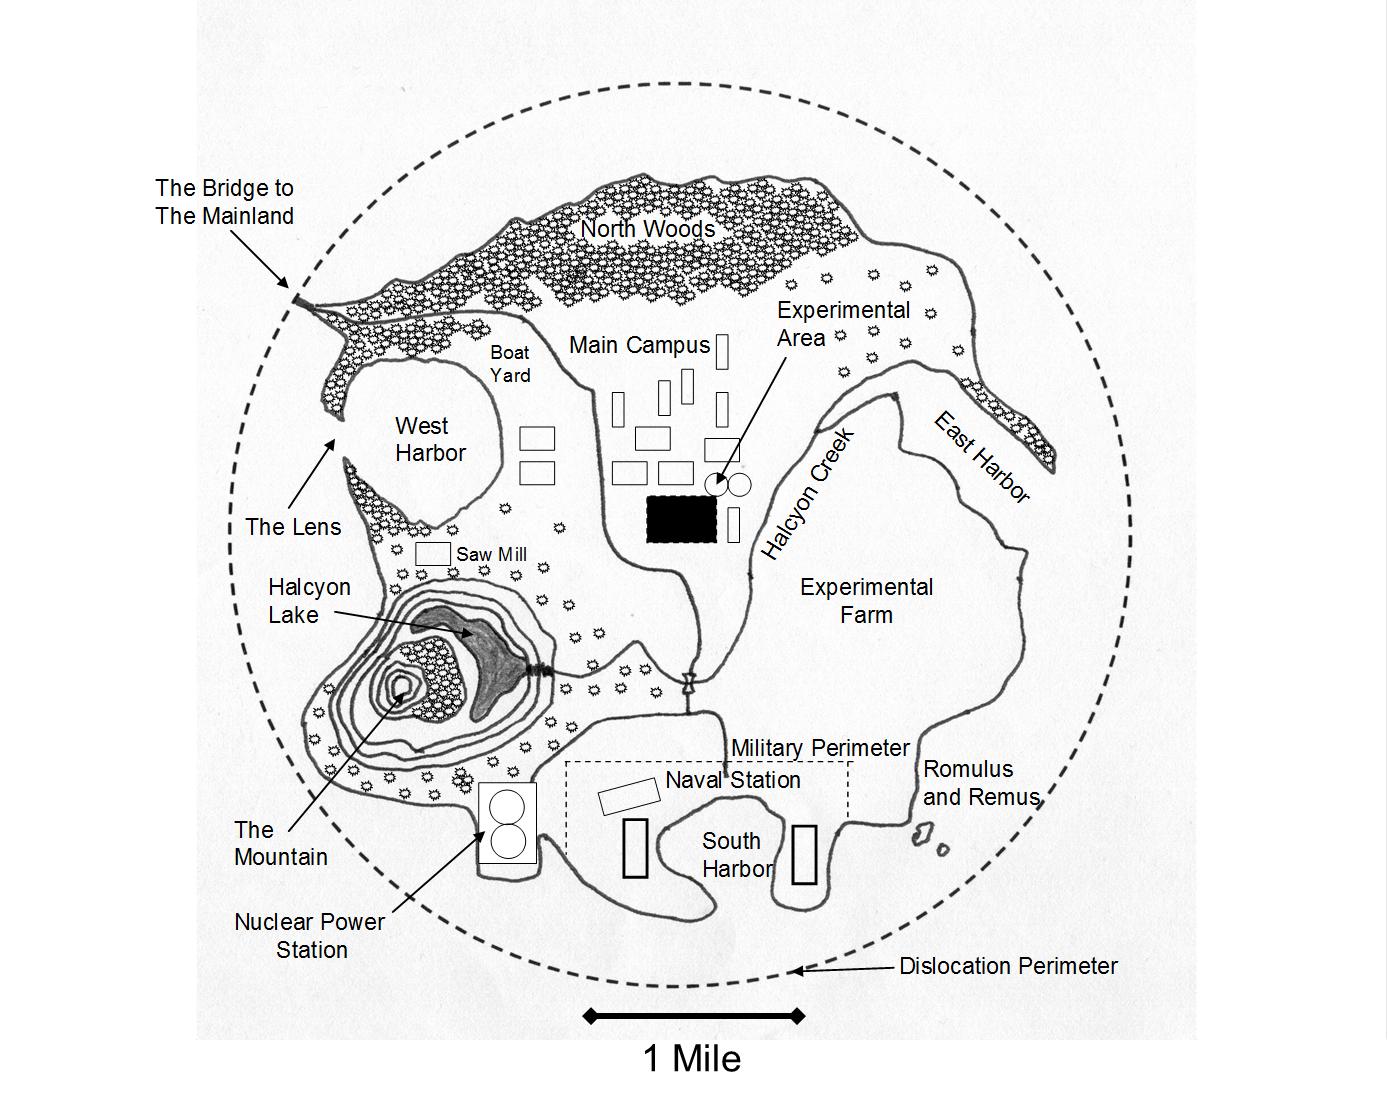 The Island University of Halcyon